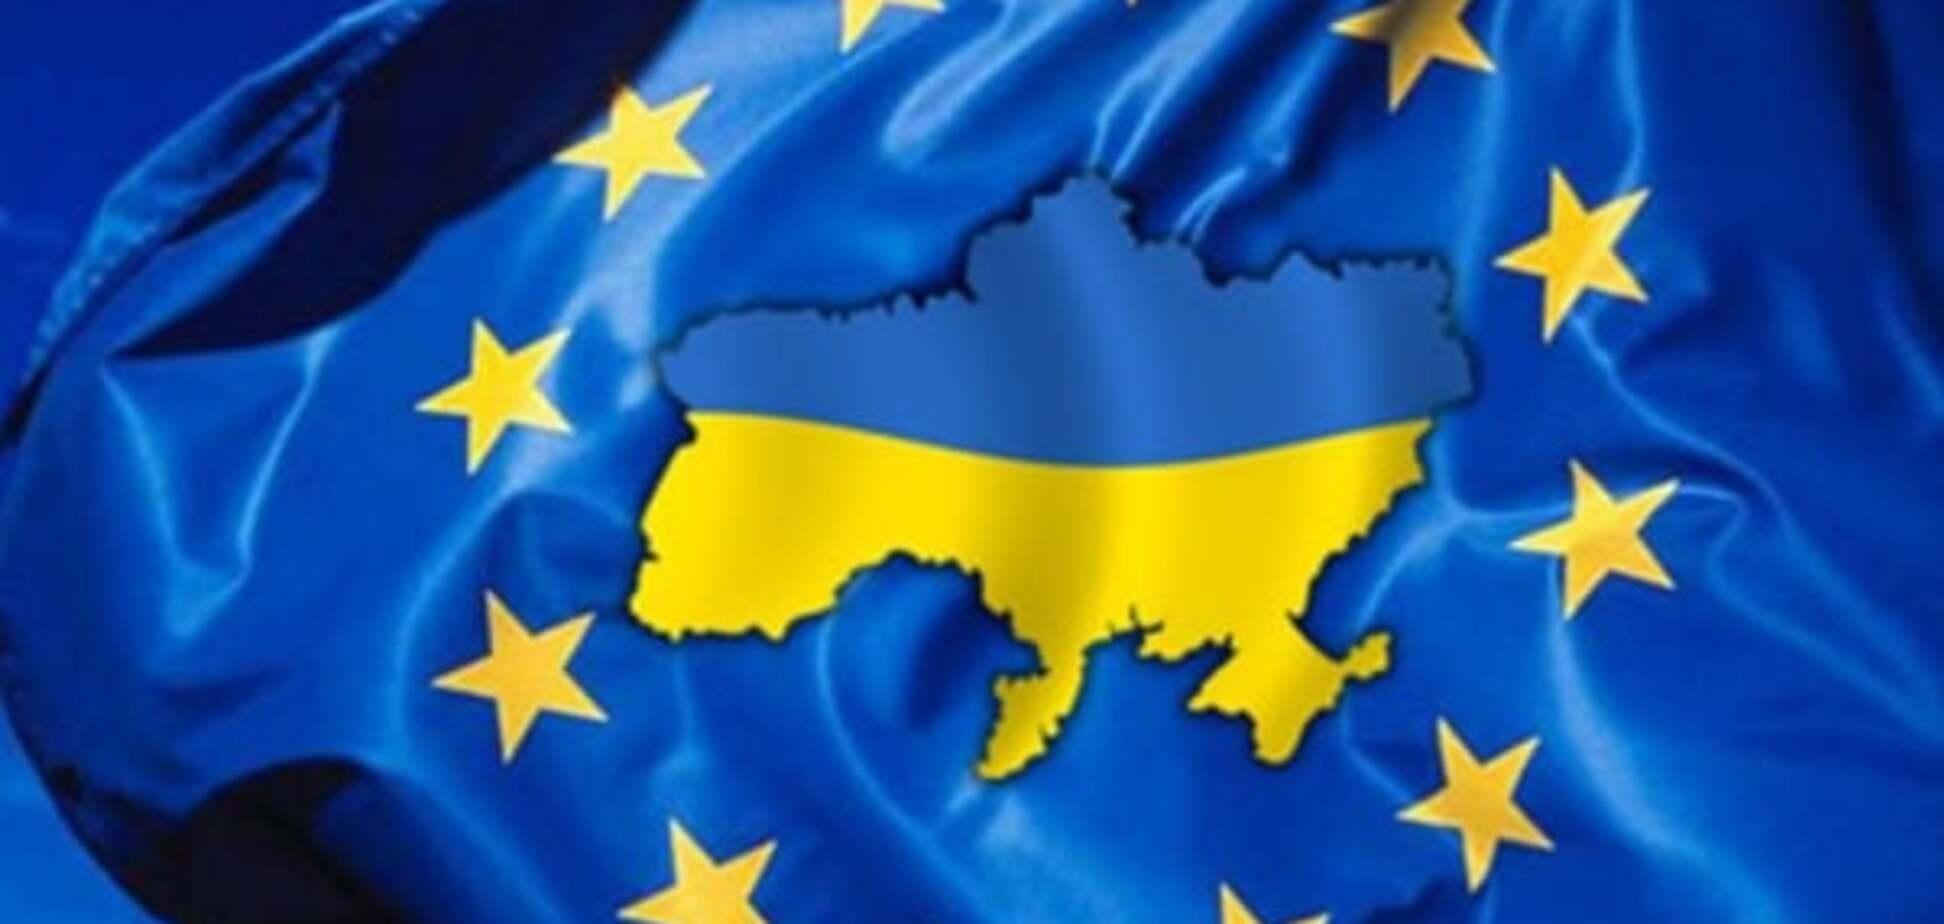 'Да' для Украины - победа для Евросоюза